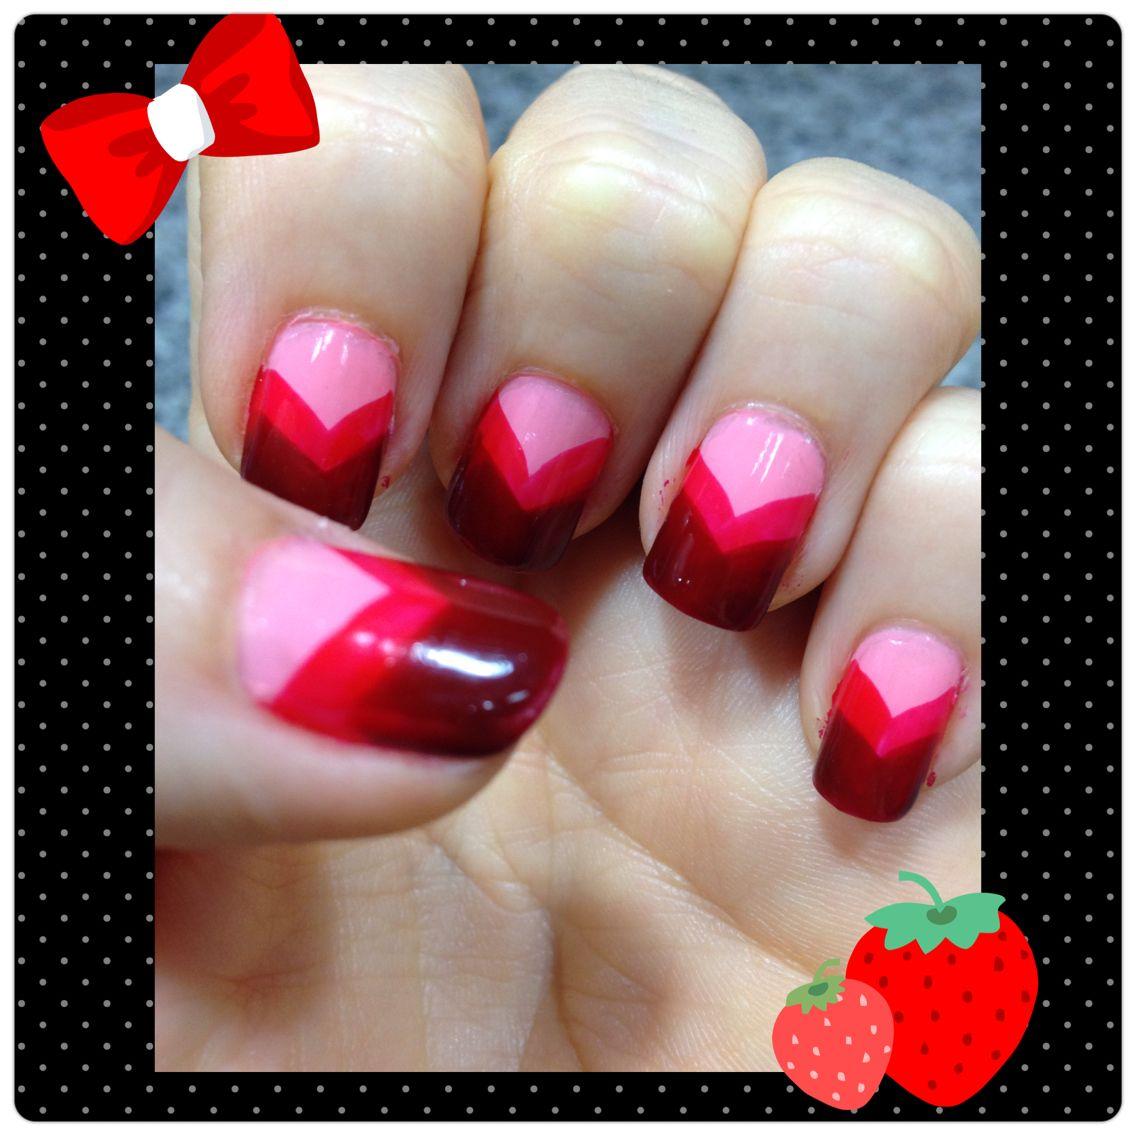 Diseño tricolor con color rosa,rojo y vino.